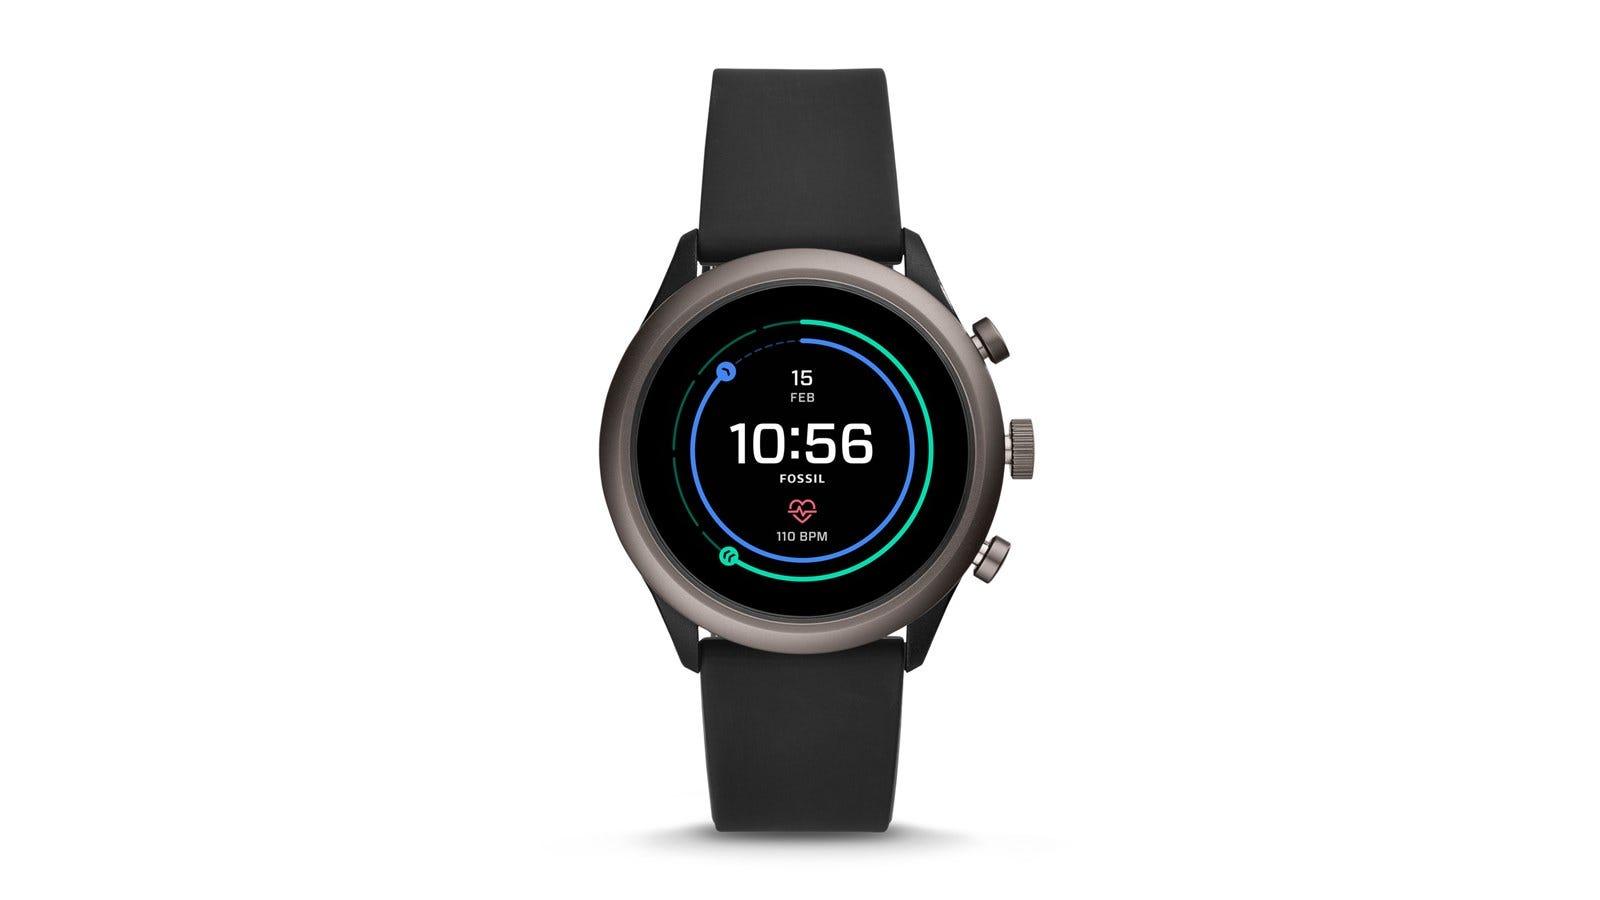 Deal Alert: Fossil verkauft die Sport- und Gen 4-Smartwatches für 199 US-Dollar